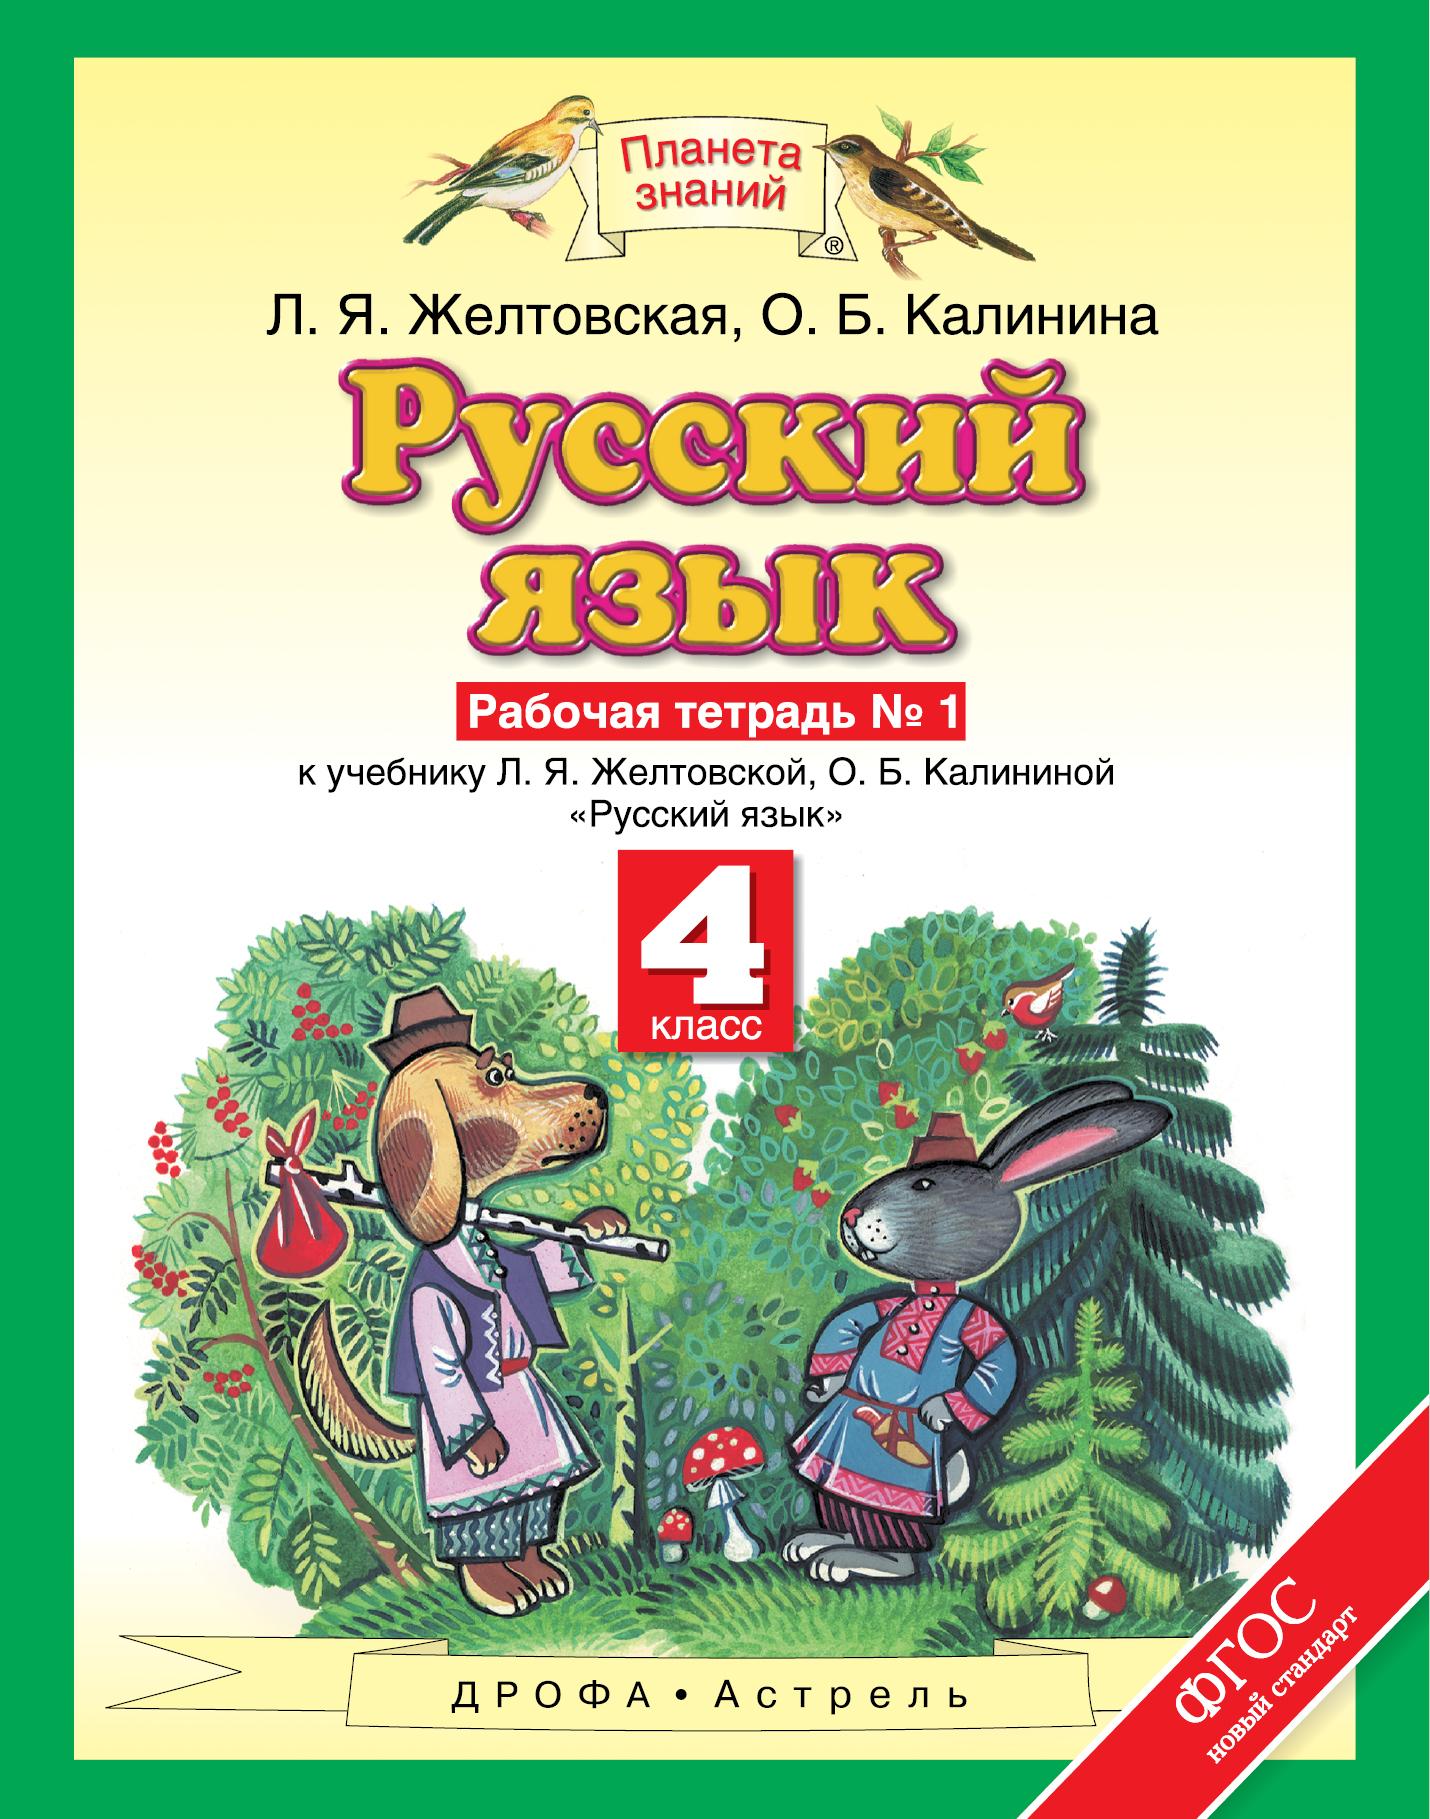 Русский язык. 4 класс. Рабочая тетрадь № 1